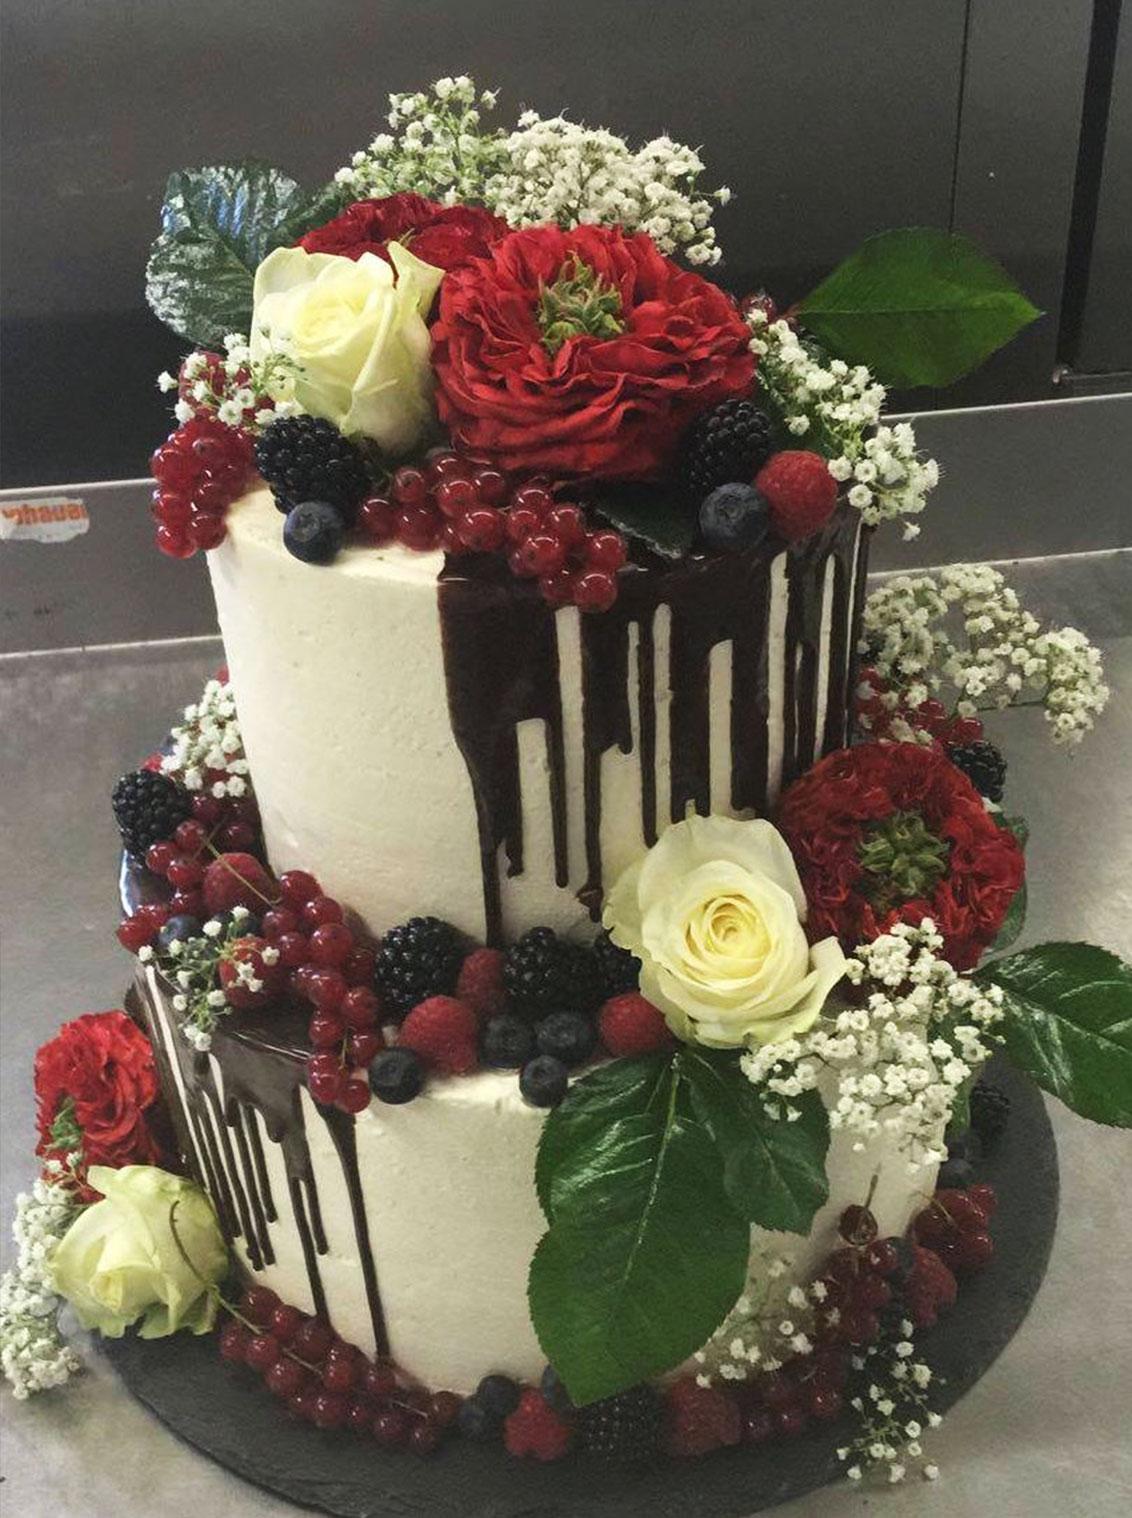 Reiter S Cafe Hochzeitstorten Fur Ihre Traumhochzeit